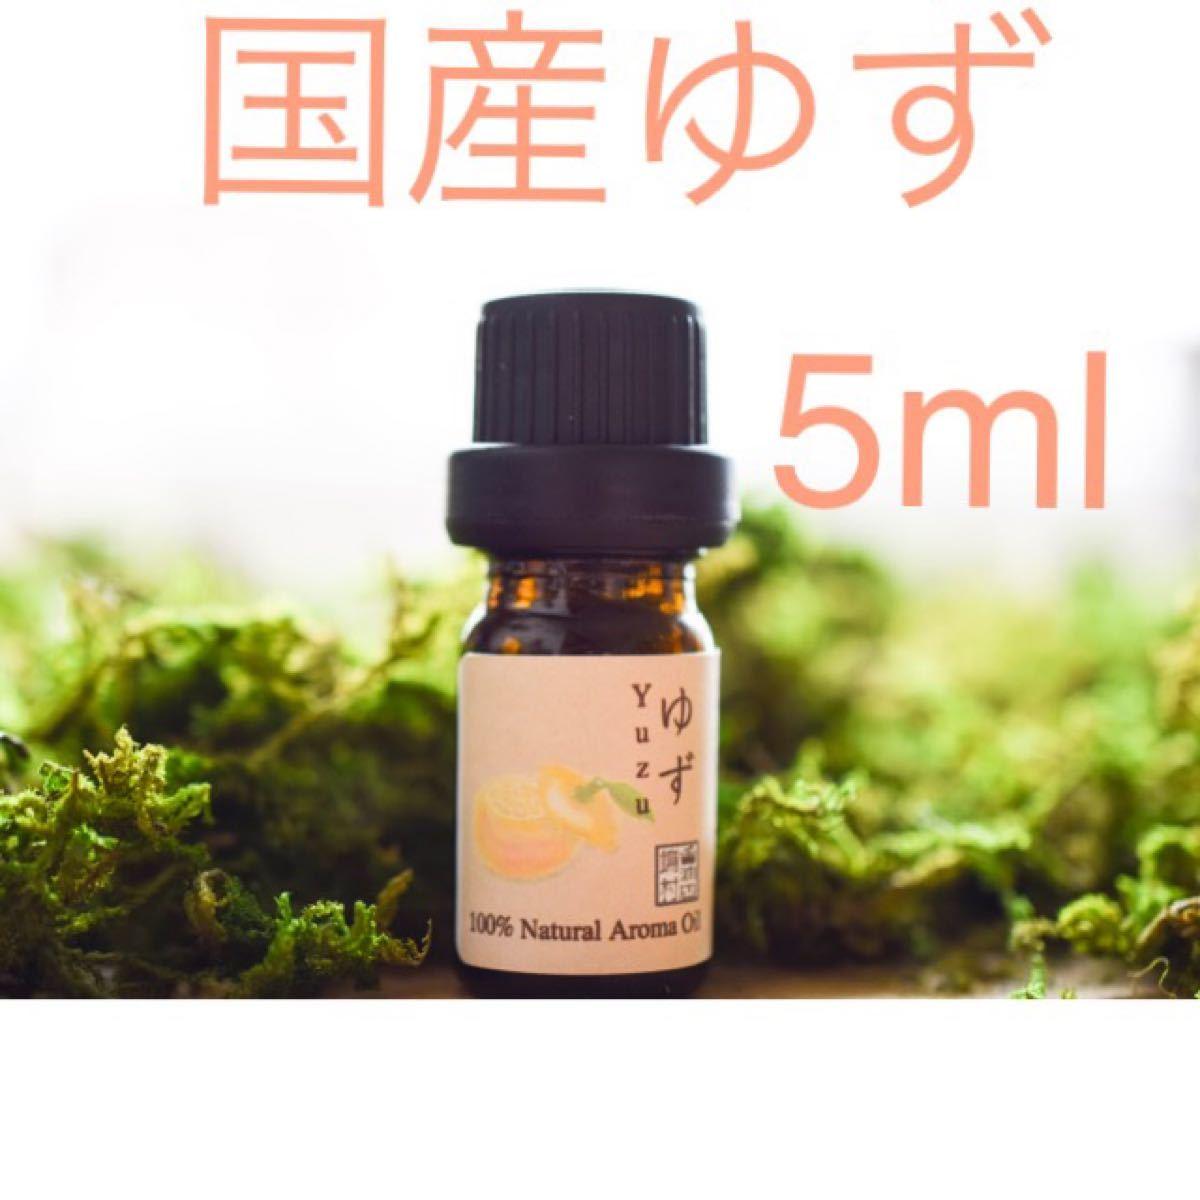 ゆず 5ml  アロマ用精油 エッセンシャルオイル